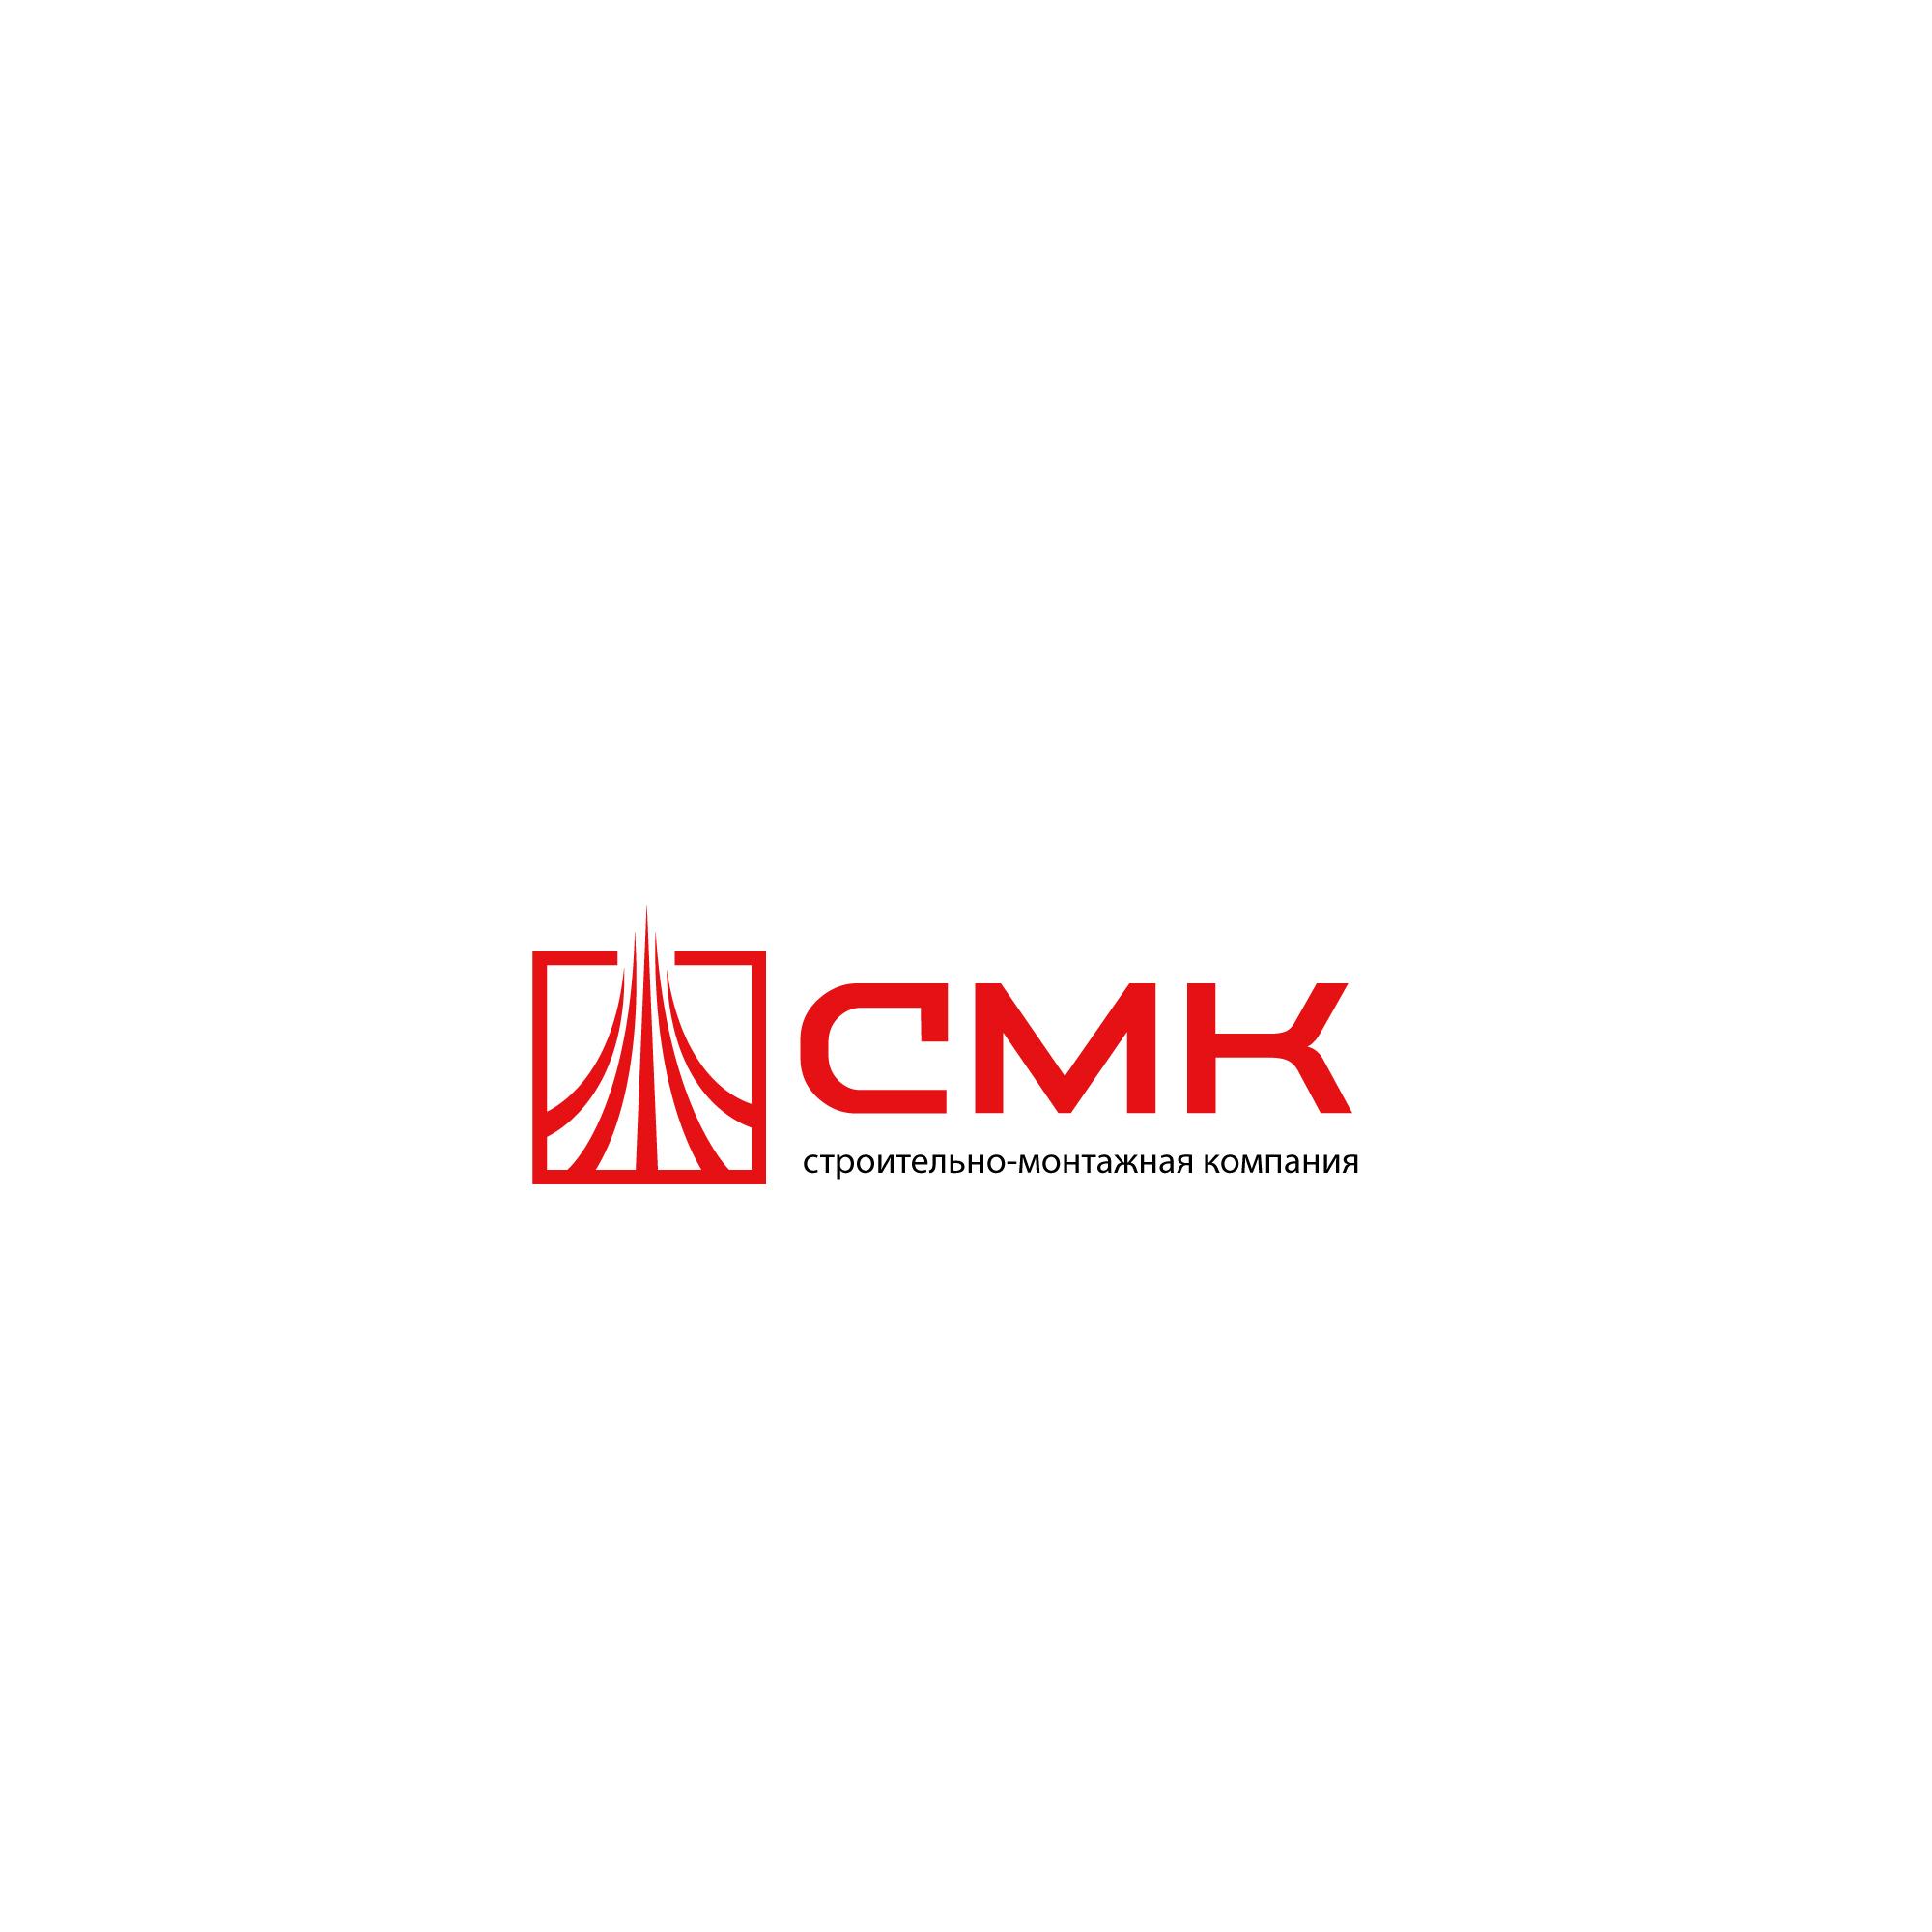 Разработка логотипа компании фото f_2445dd4263a464cd.jpg